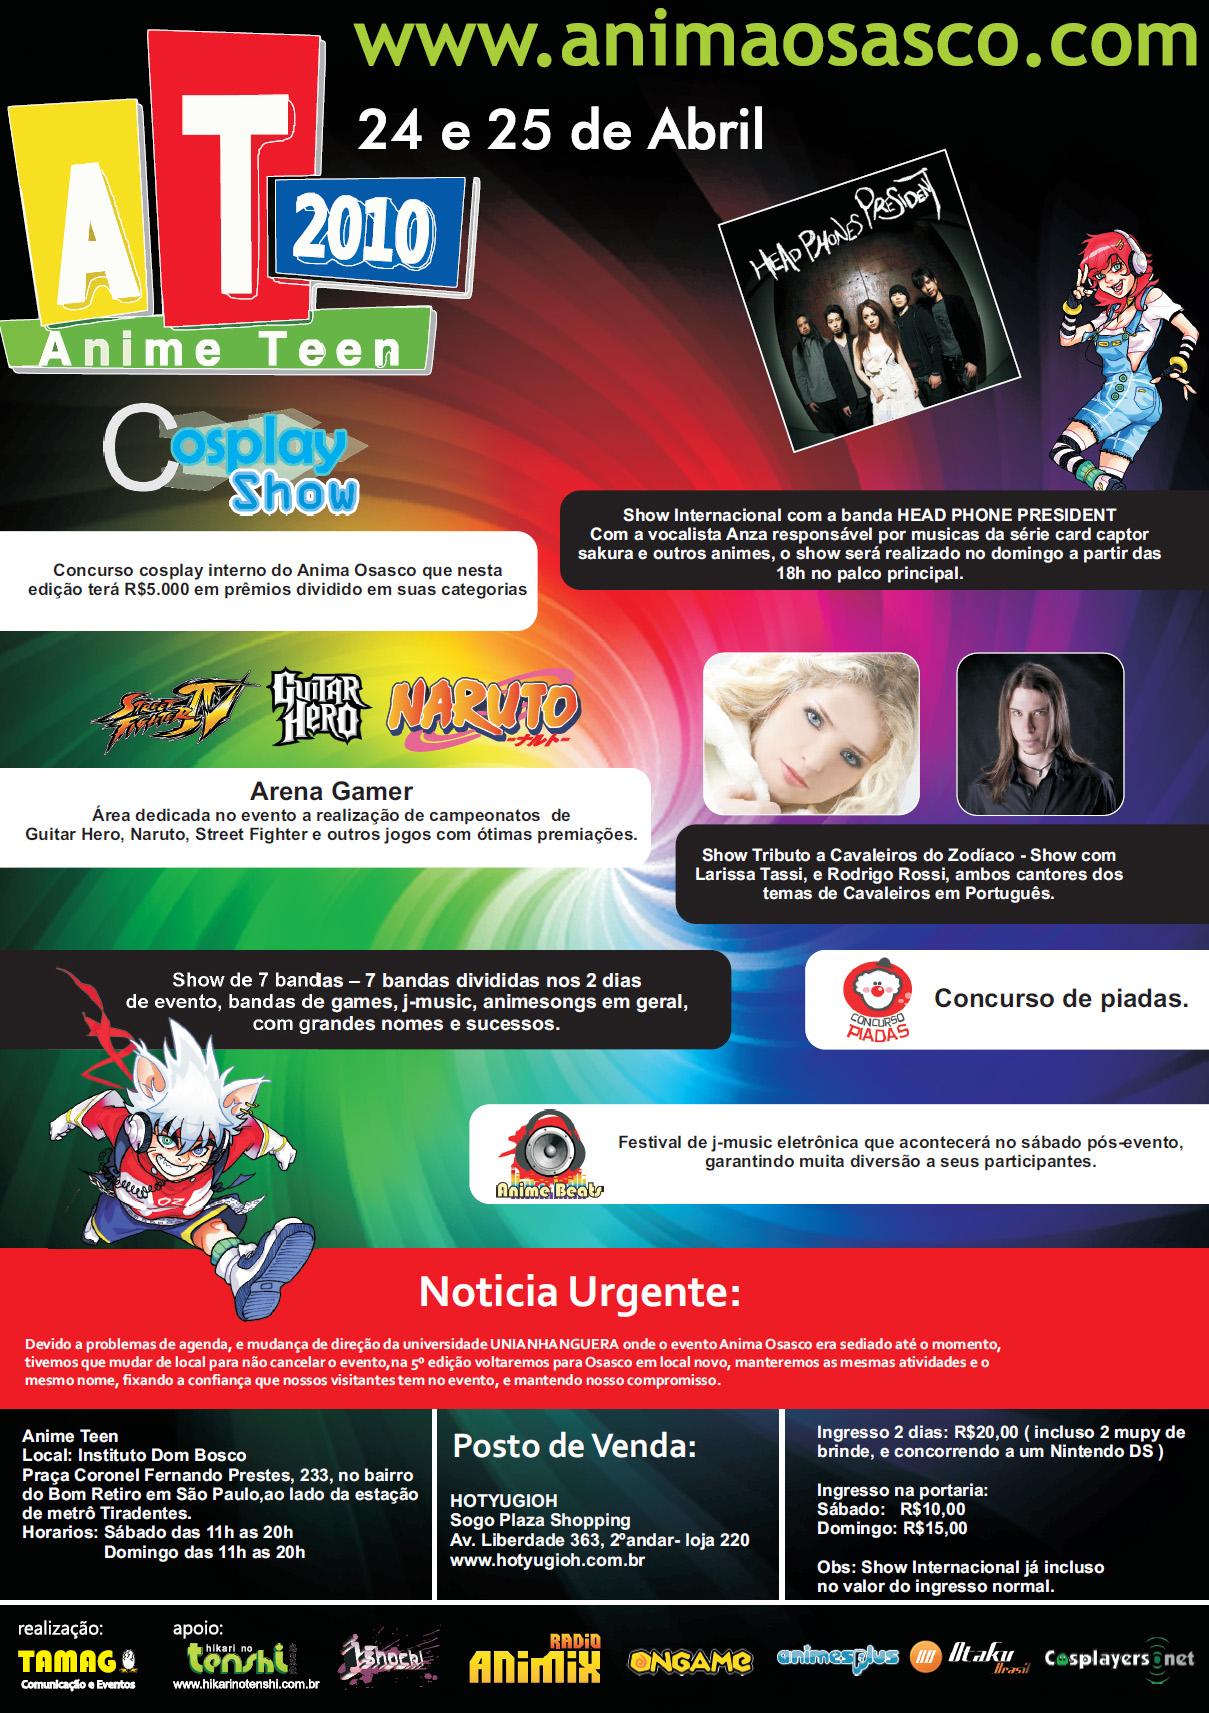 Anima Teen 2010: evento, que será realizado em São Paulo nos dias 24 e 25 de Abril, terá Tributo aos Cavaleiros do Zodíaco com show dos cantores Larissa Tassi e Rodrigo Rossi! Animeteen2010